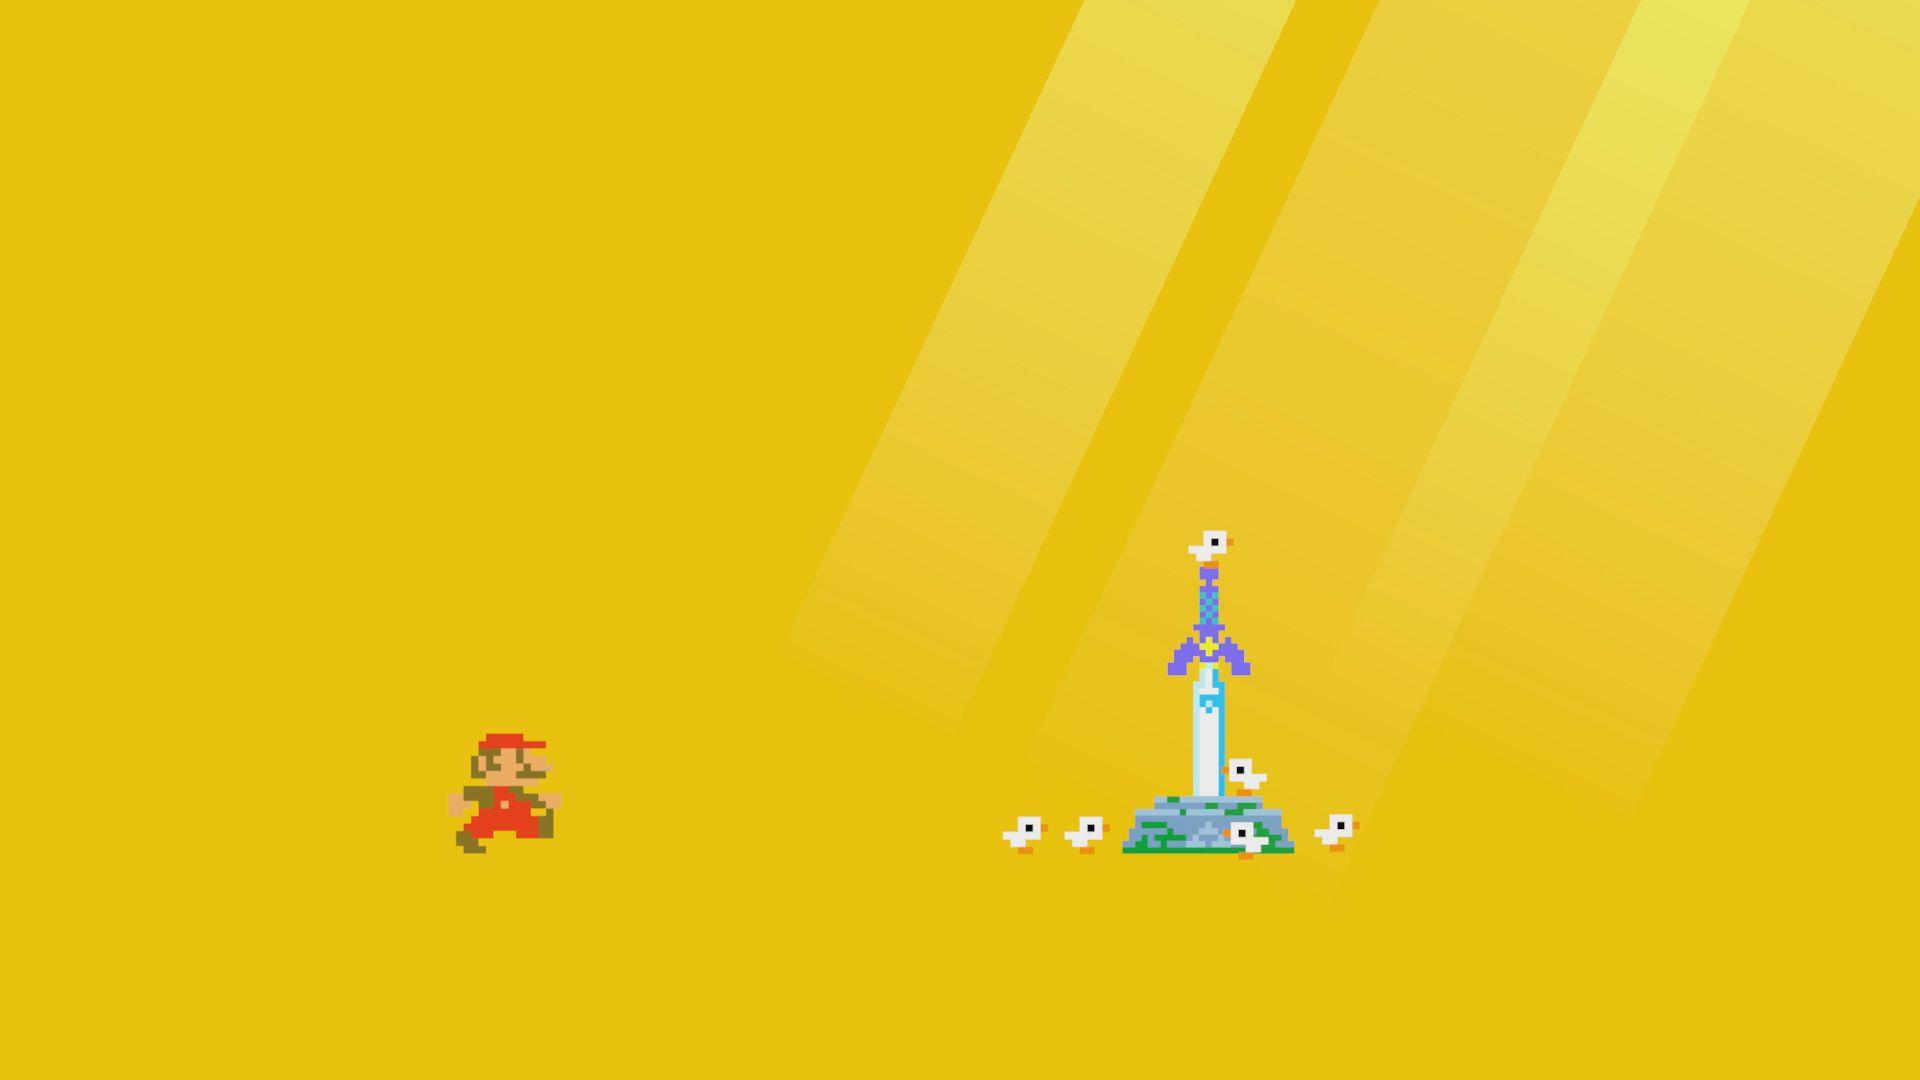 Nintendo a annonce que Super Mario Maker 2 aura droit a une mise a jour incluant Link de la ser